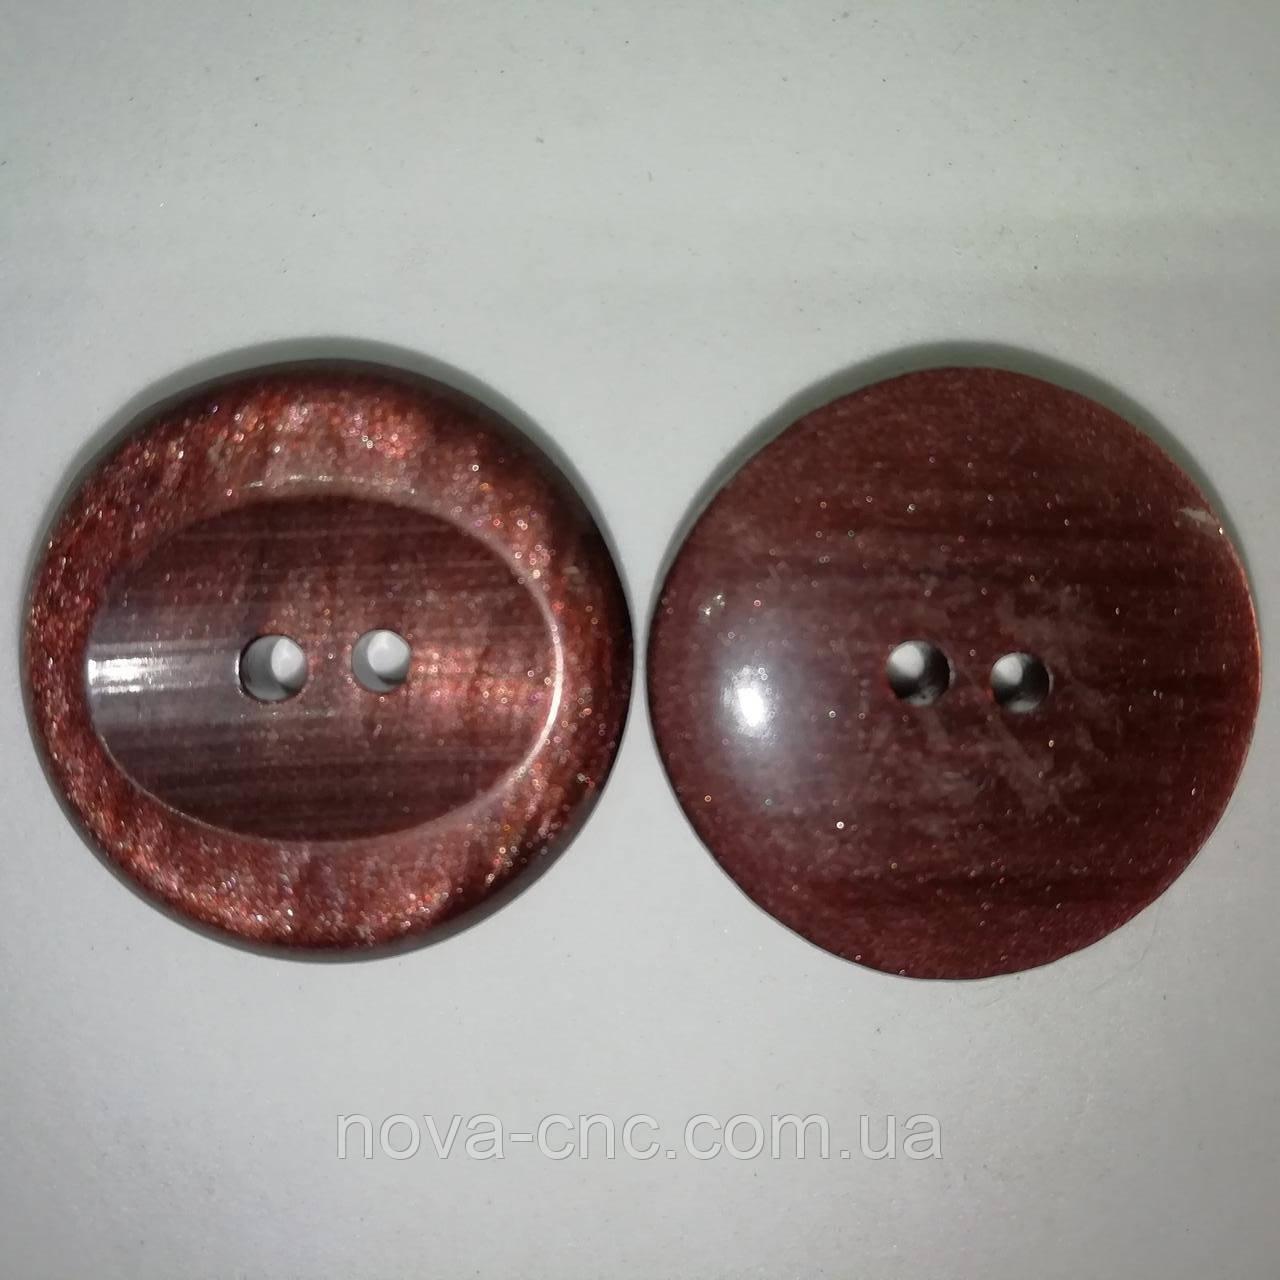 Ґудзики пластмасові 26 мм Колір коричневий з перламутром Упаковка 550 штук